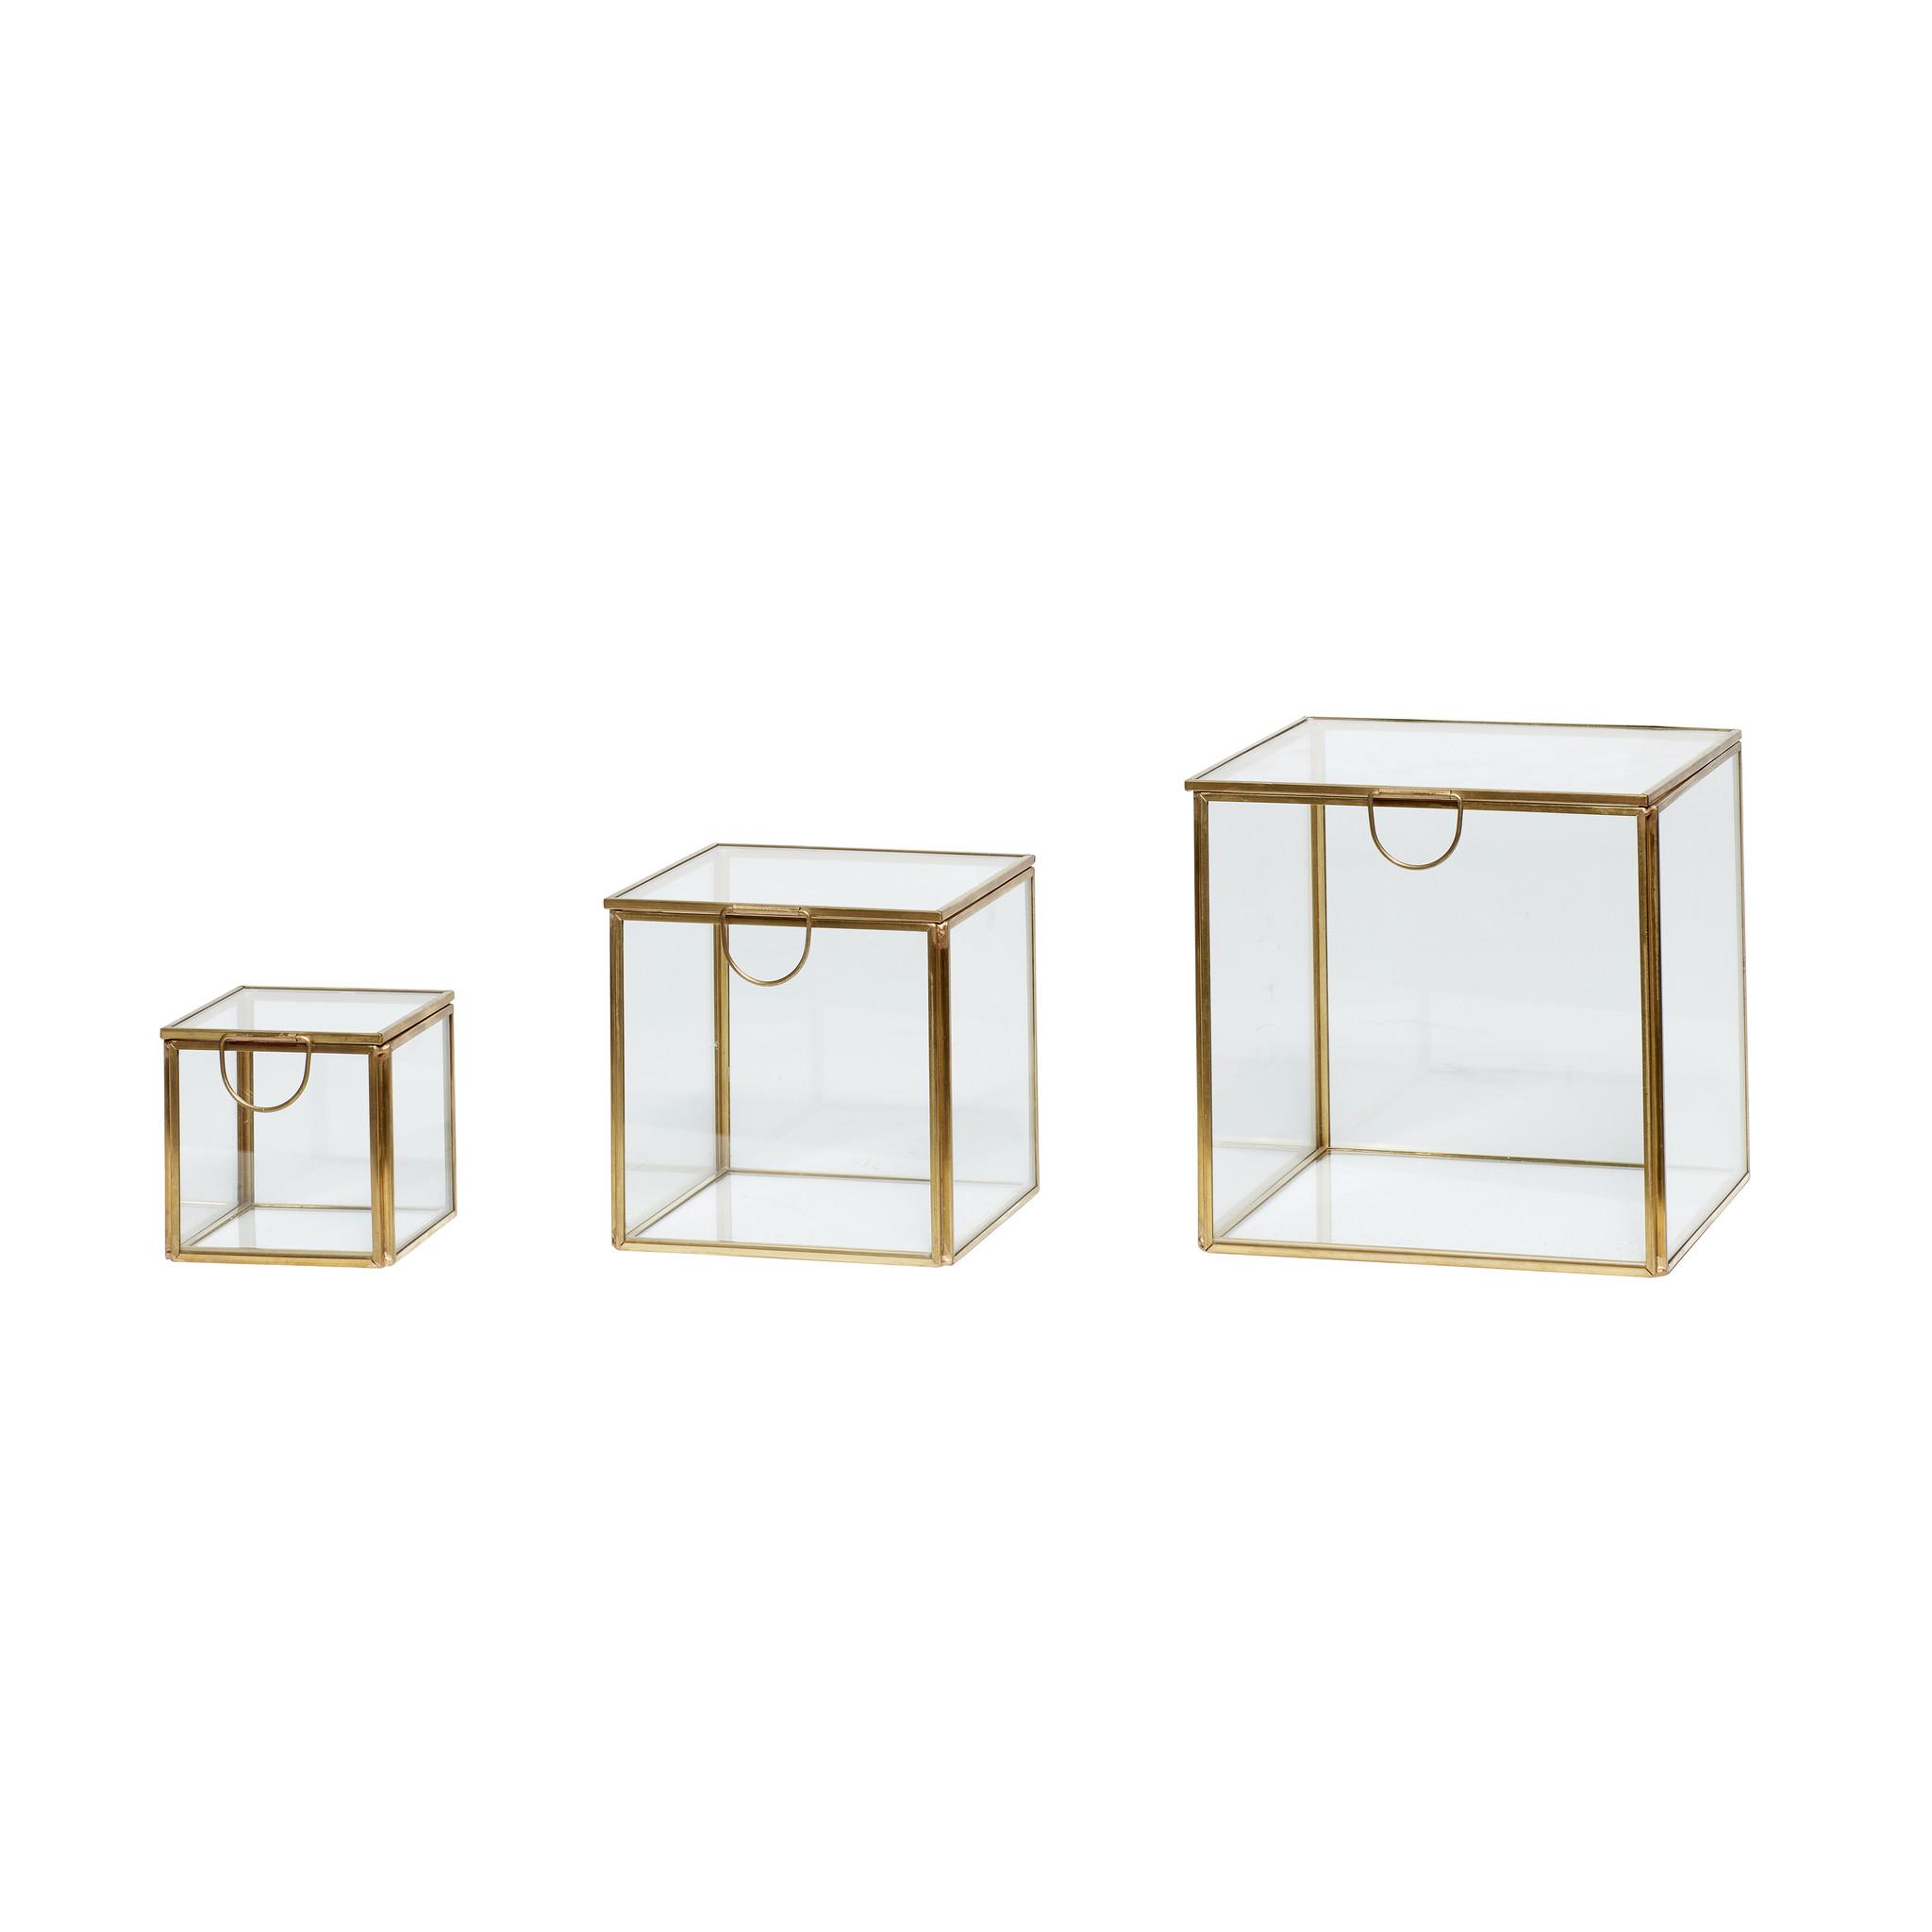 Hubsch Glazen doos, messing / glas, set van 3